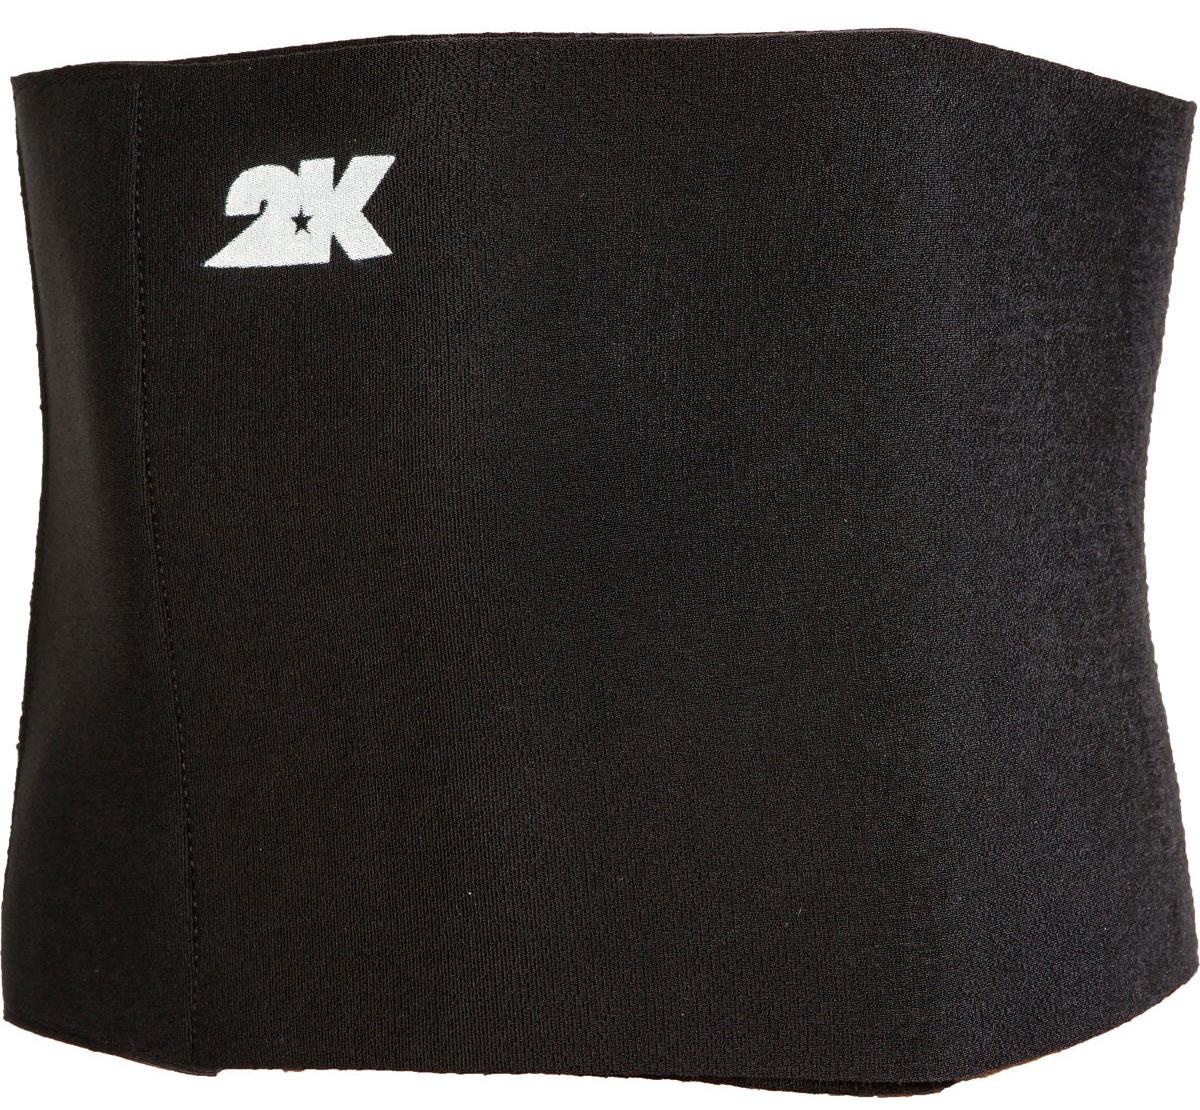 Суппорт бедра 2K Sport АС-003, цвет: черный. Размер M129015Суппорт для бедренного сустава 2K Sport АС-003 уменьшает нагрузку во время тренировки и защищает бедро в период восстановления. Выполнена из высококачественного неопрена (80%) и нейлона (20%). Суппорт прочный и эластичный.